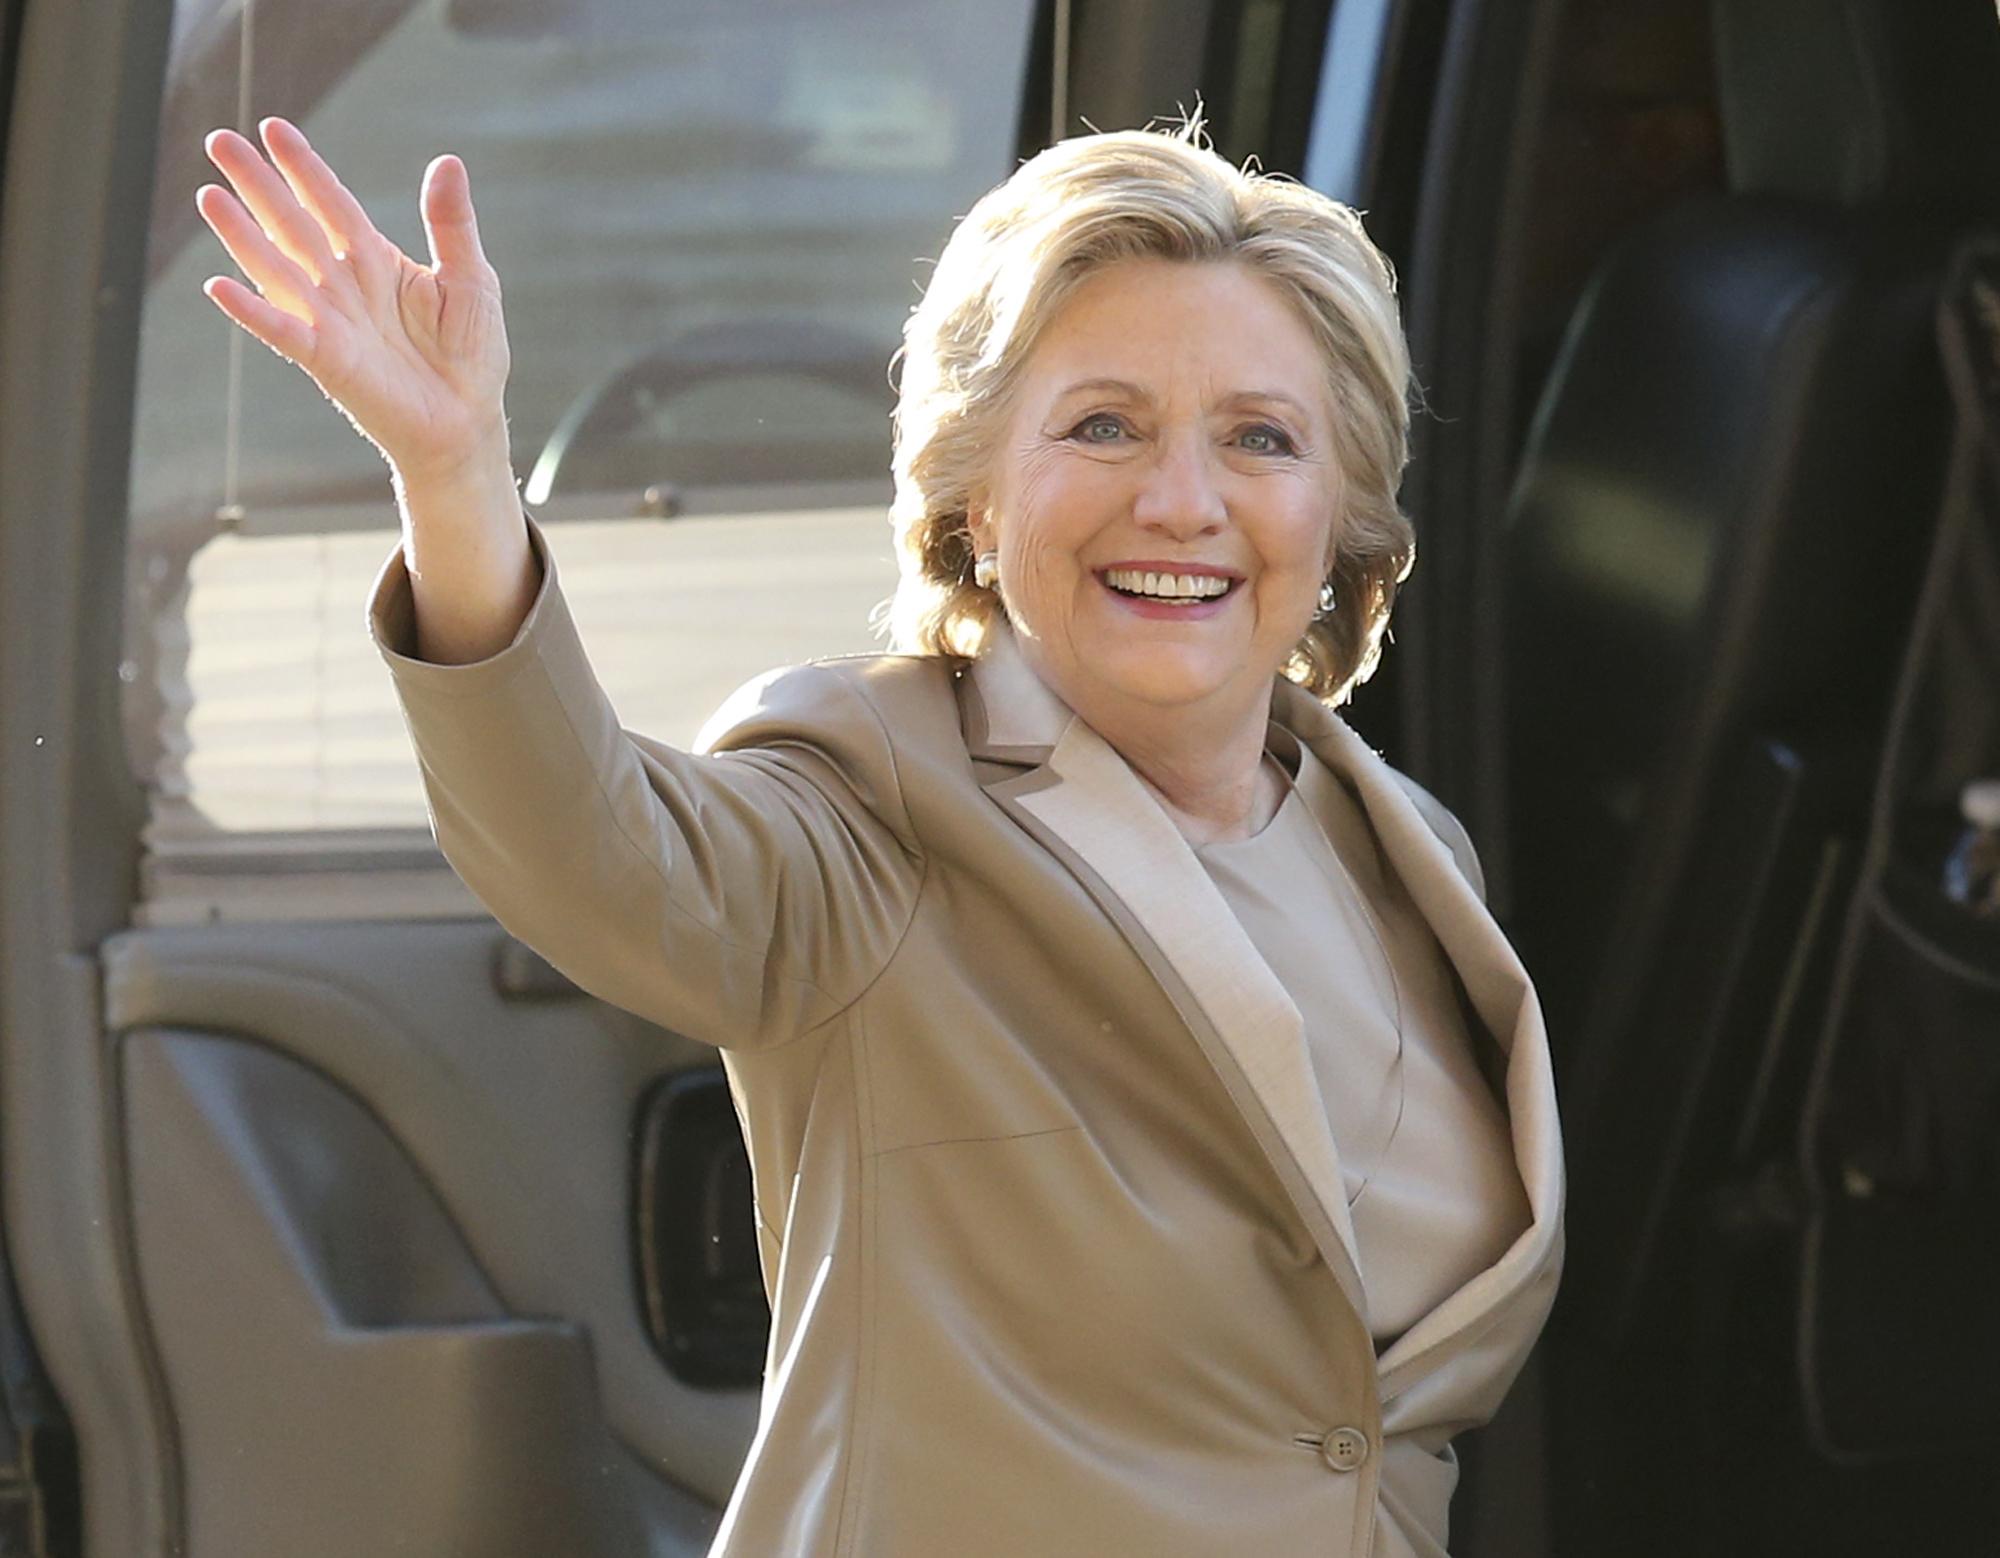 Hillary Clinton acena e sorri para a câmera (© AP Images)